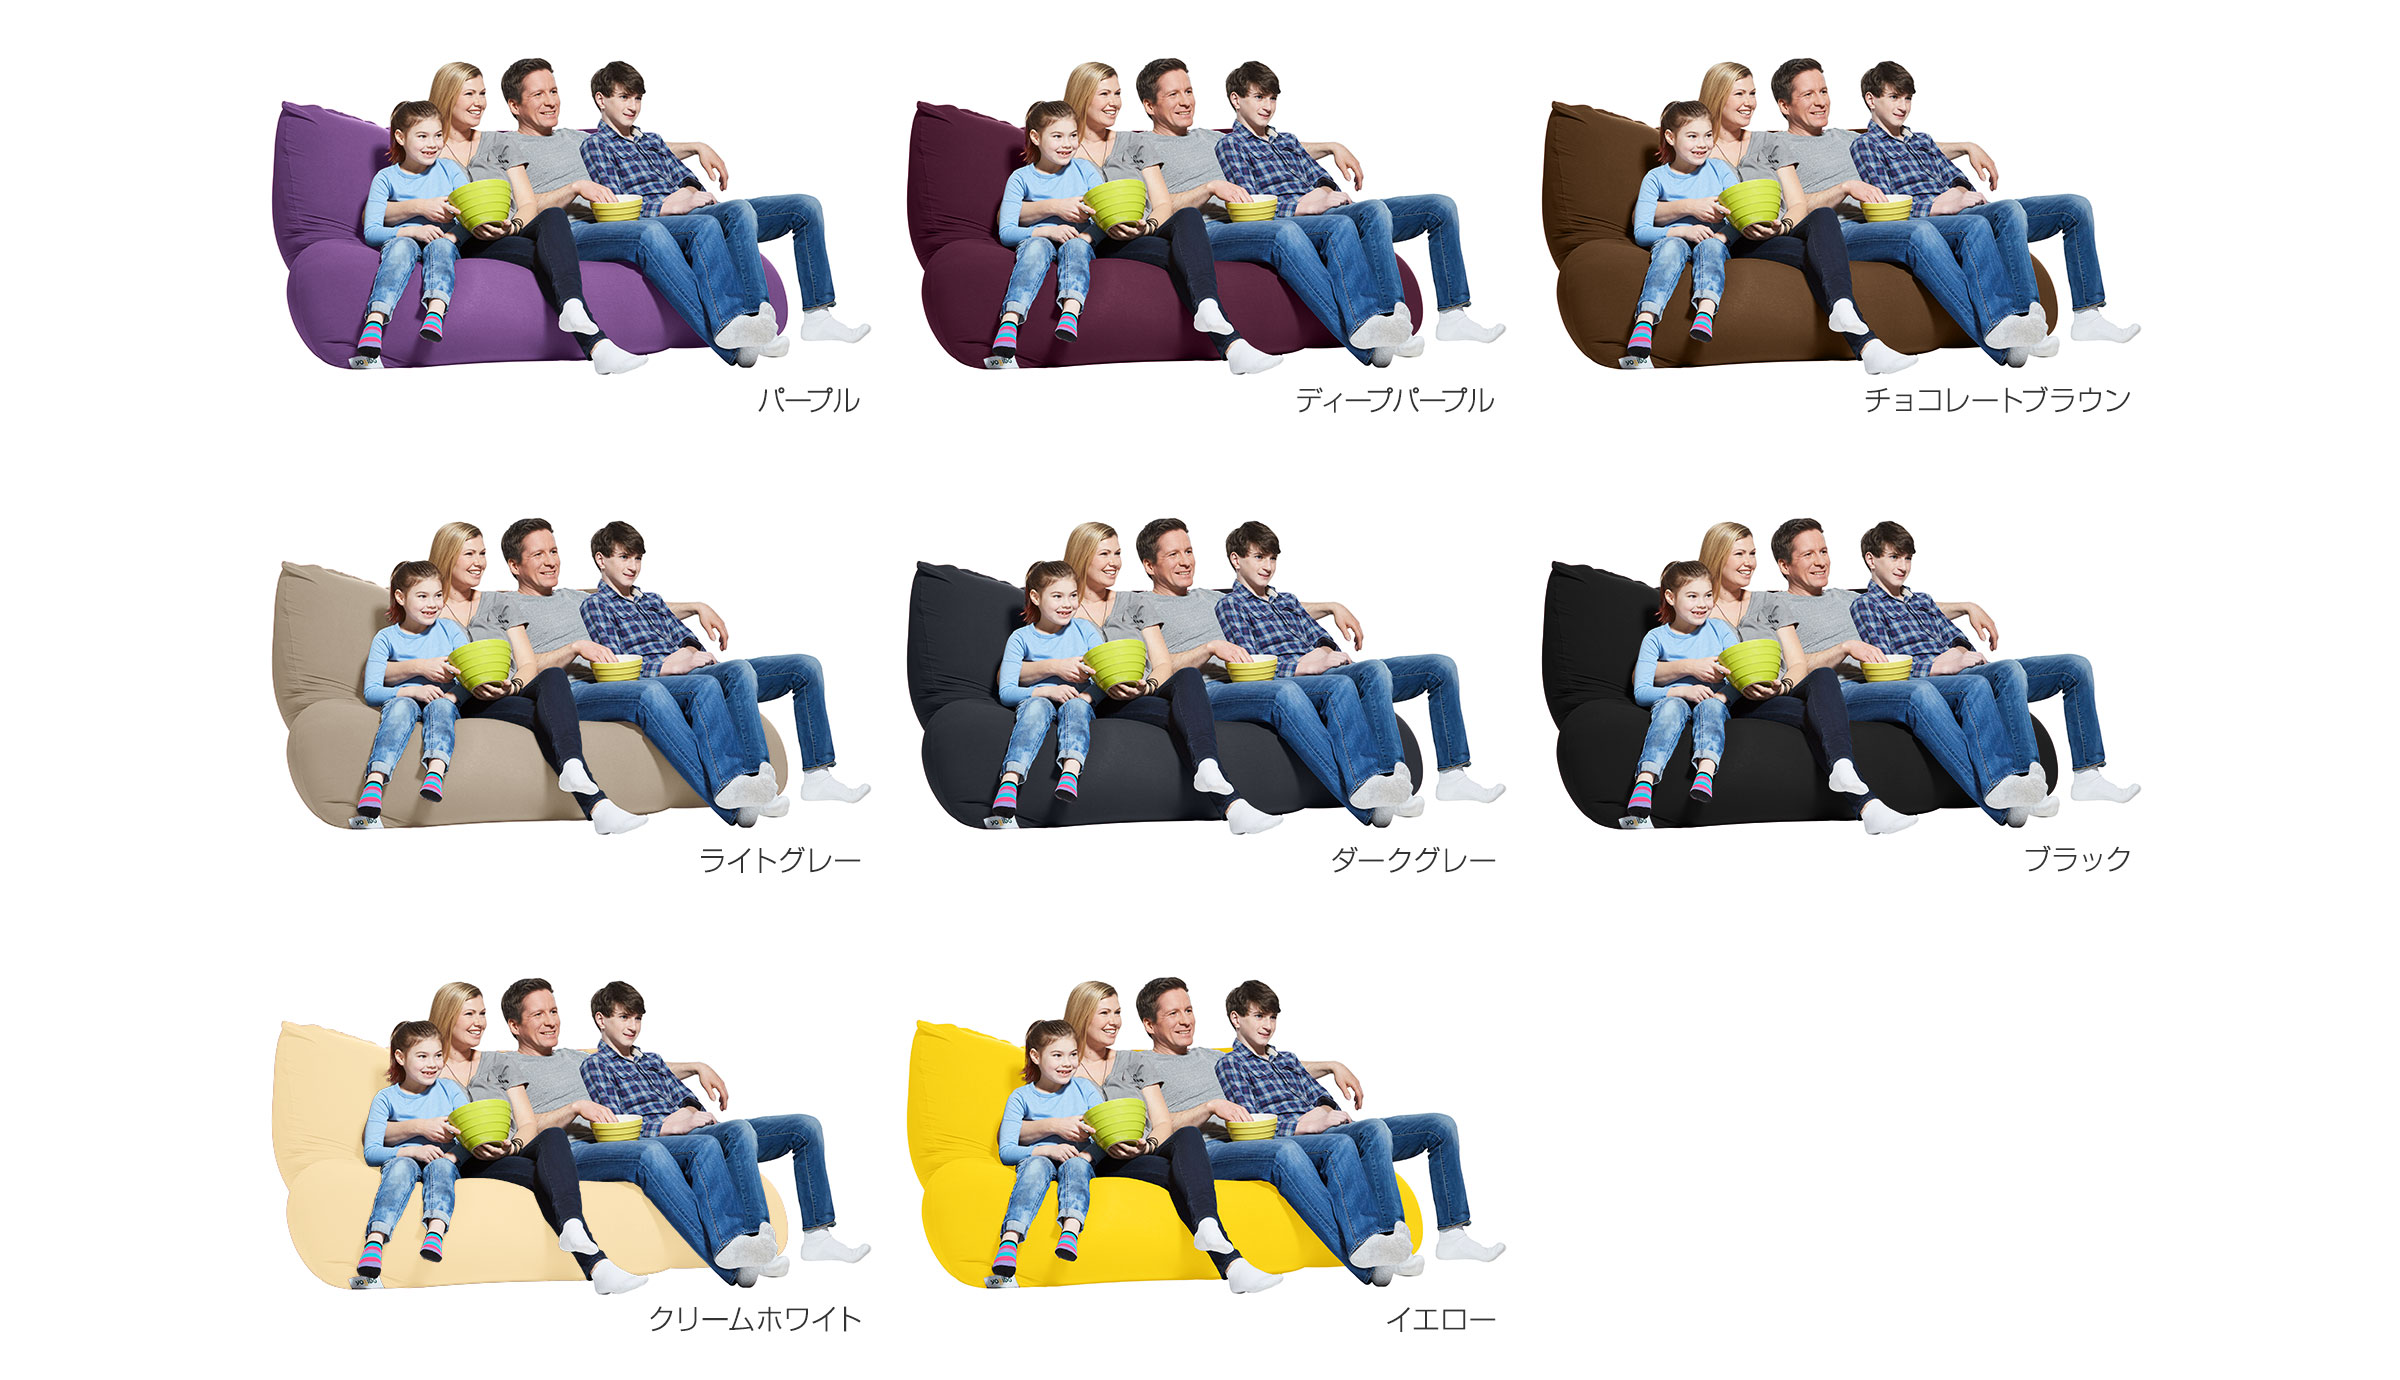 Yogibo Double(ヨギボー・ダブル) ネイビーブルー/パープル/ディープ・パープル/チョコレートブラウン/ライトグレー/ダークグレー/ブラック/クリームホワイト